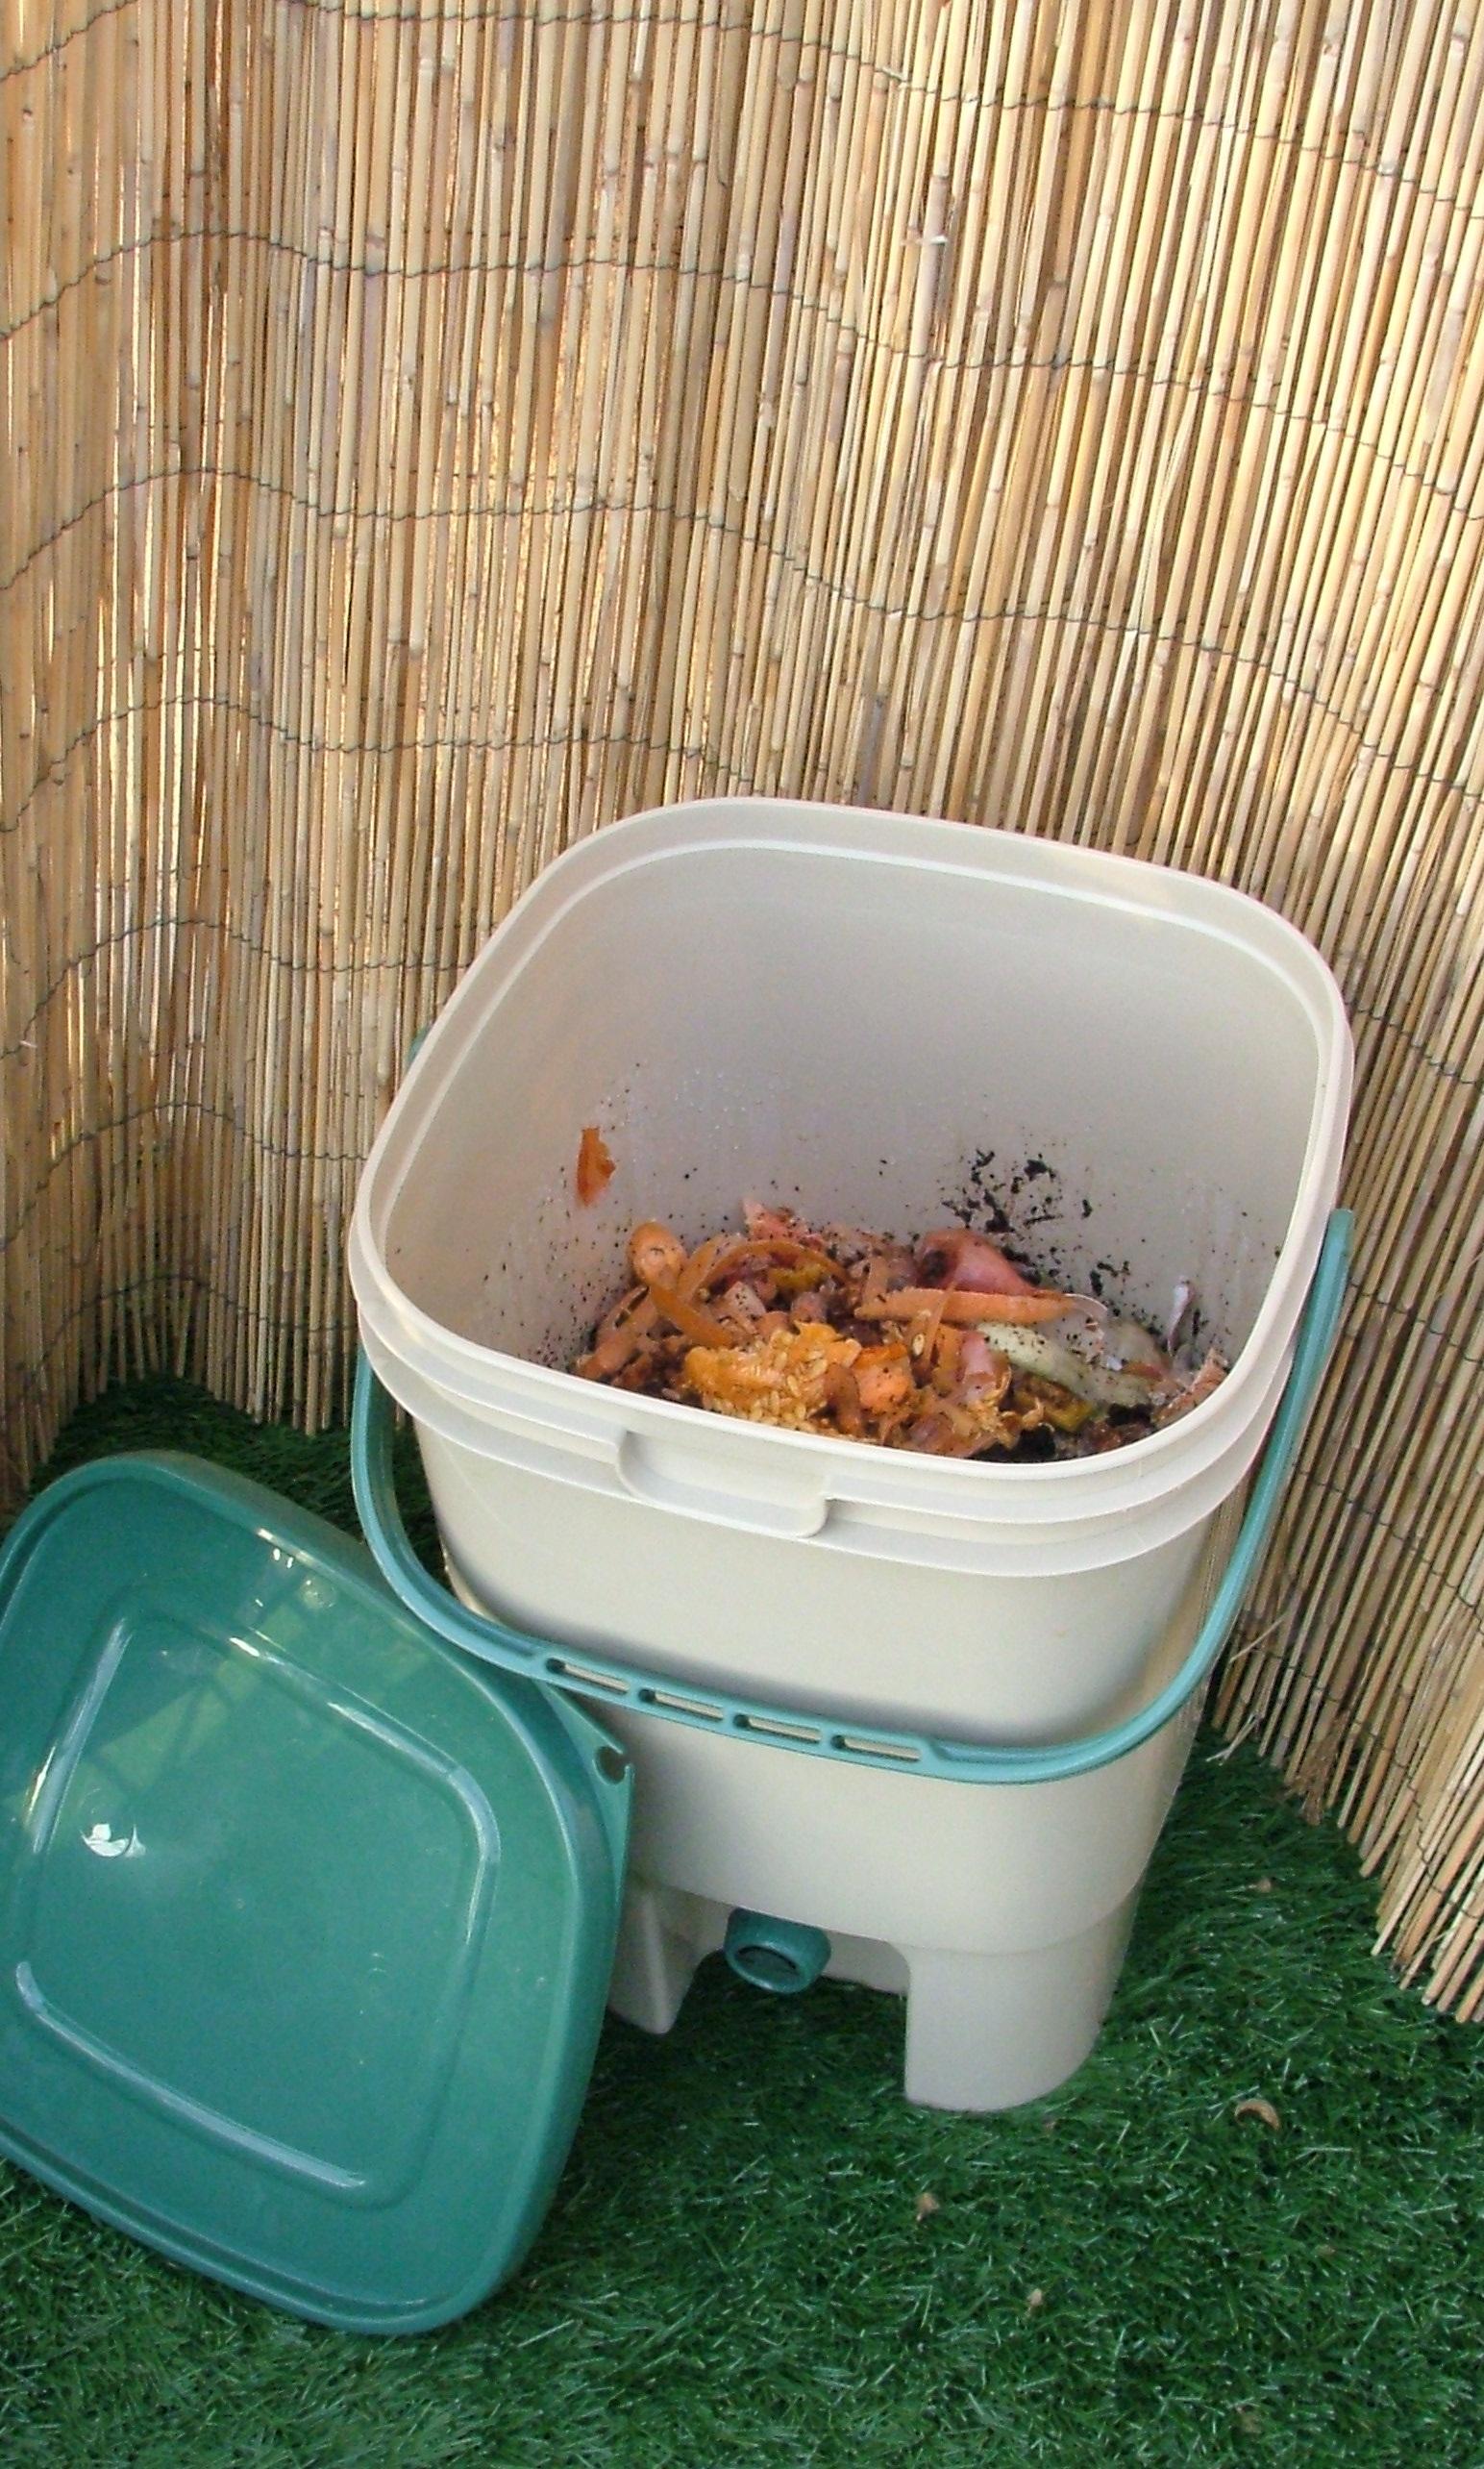 Composteur_de_cuisine_bokashi_Ecovi_6.jpg